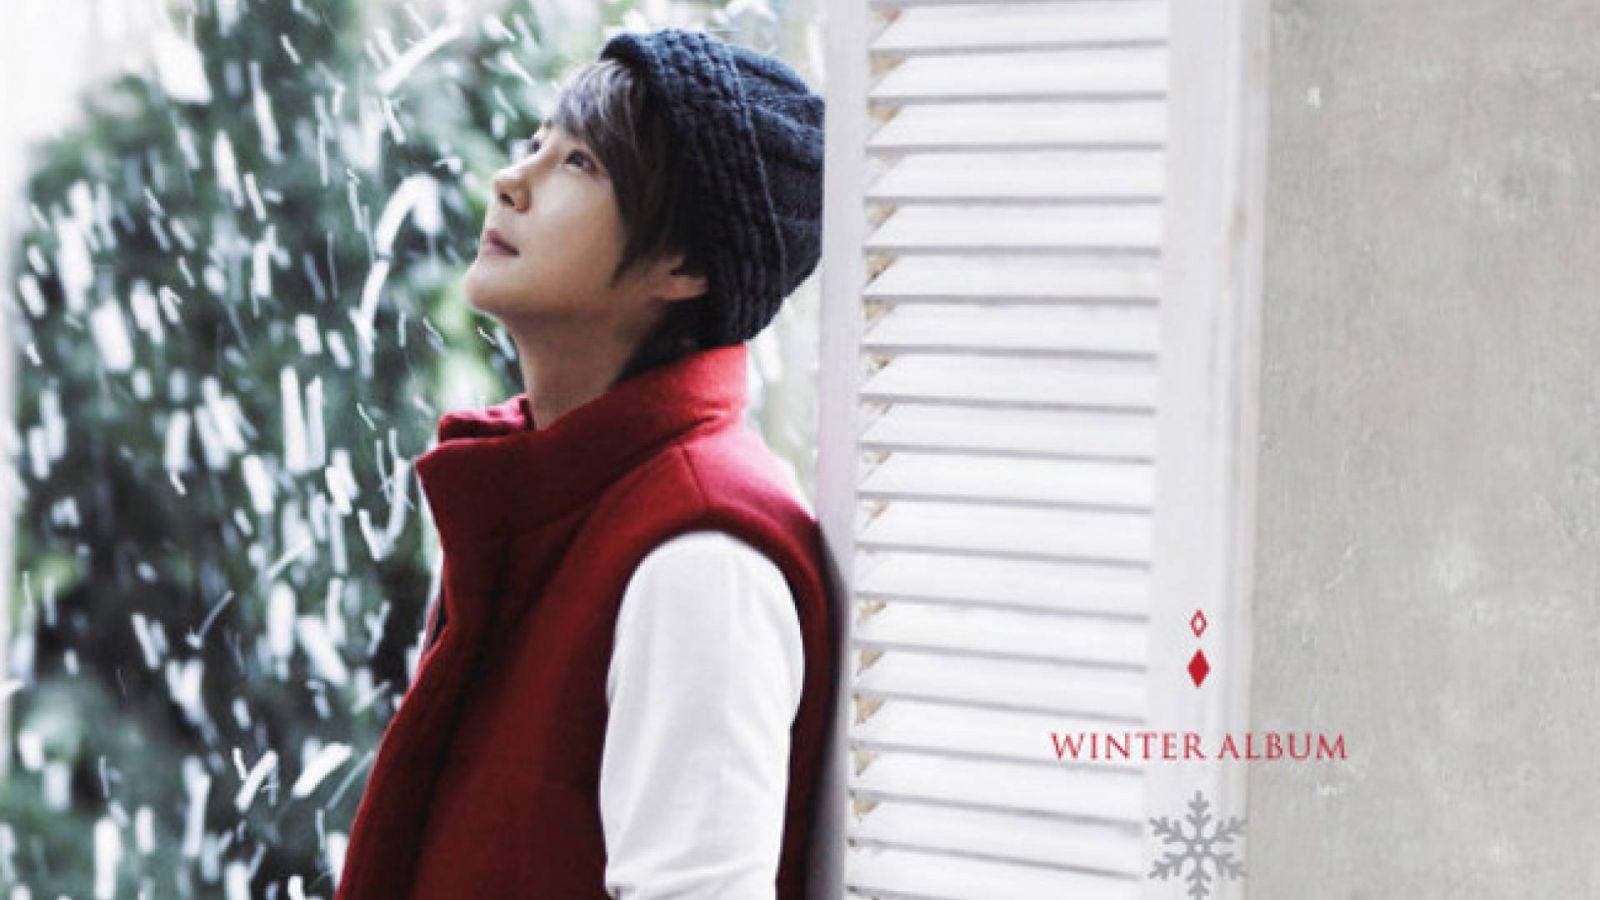 Shin Hyesung ja uusi albumi © Shin Hyesung